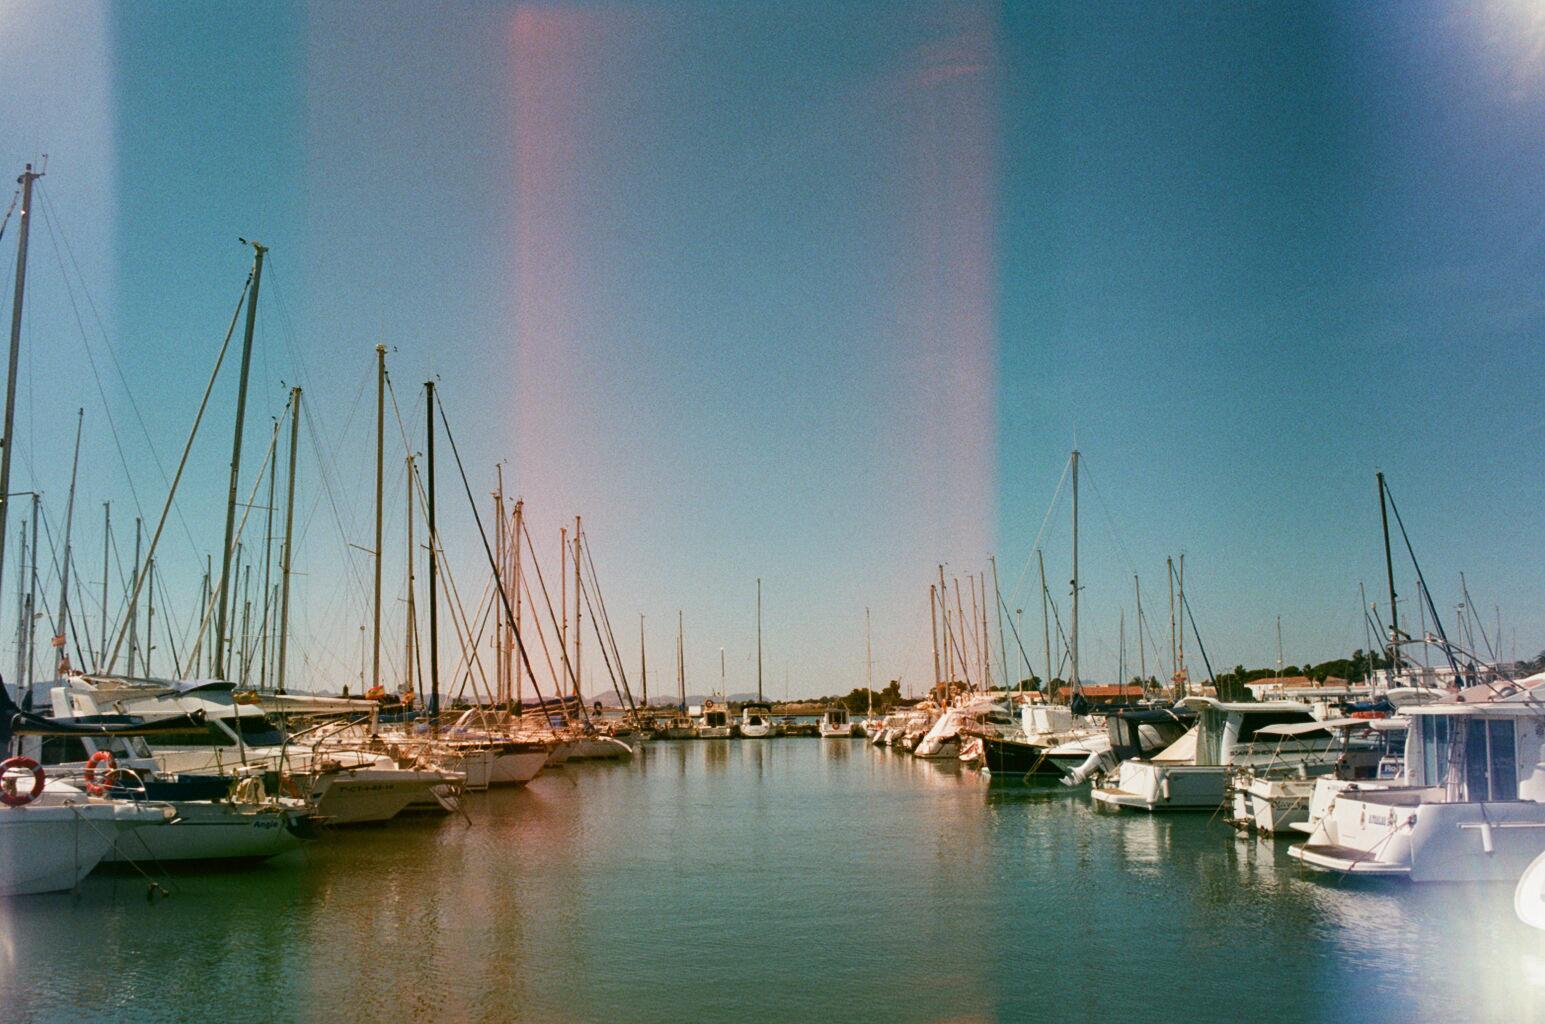 Los Alcazares Merina with yachts